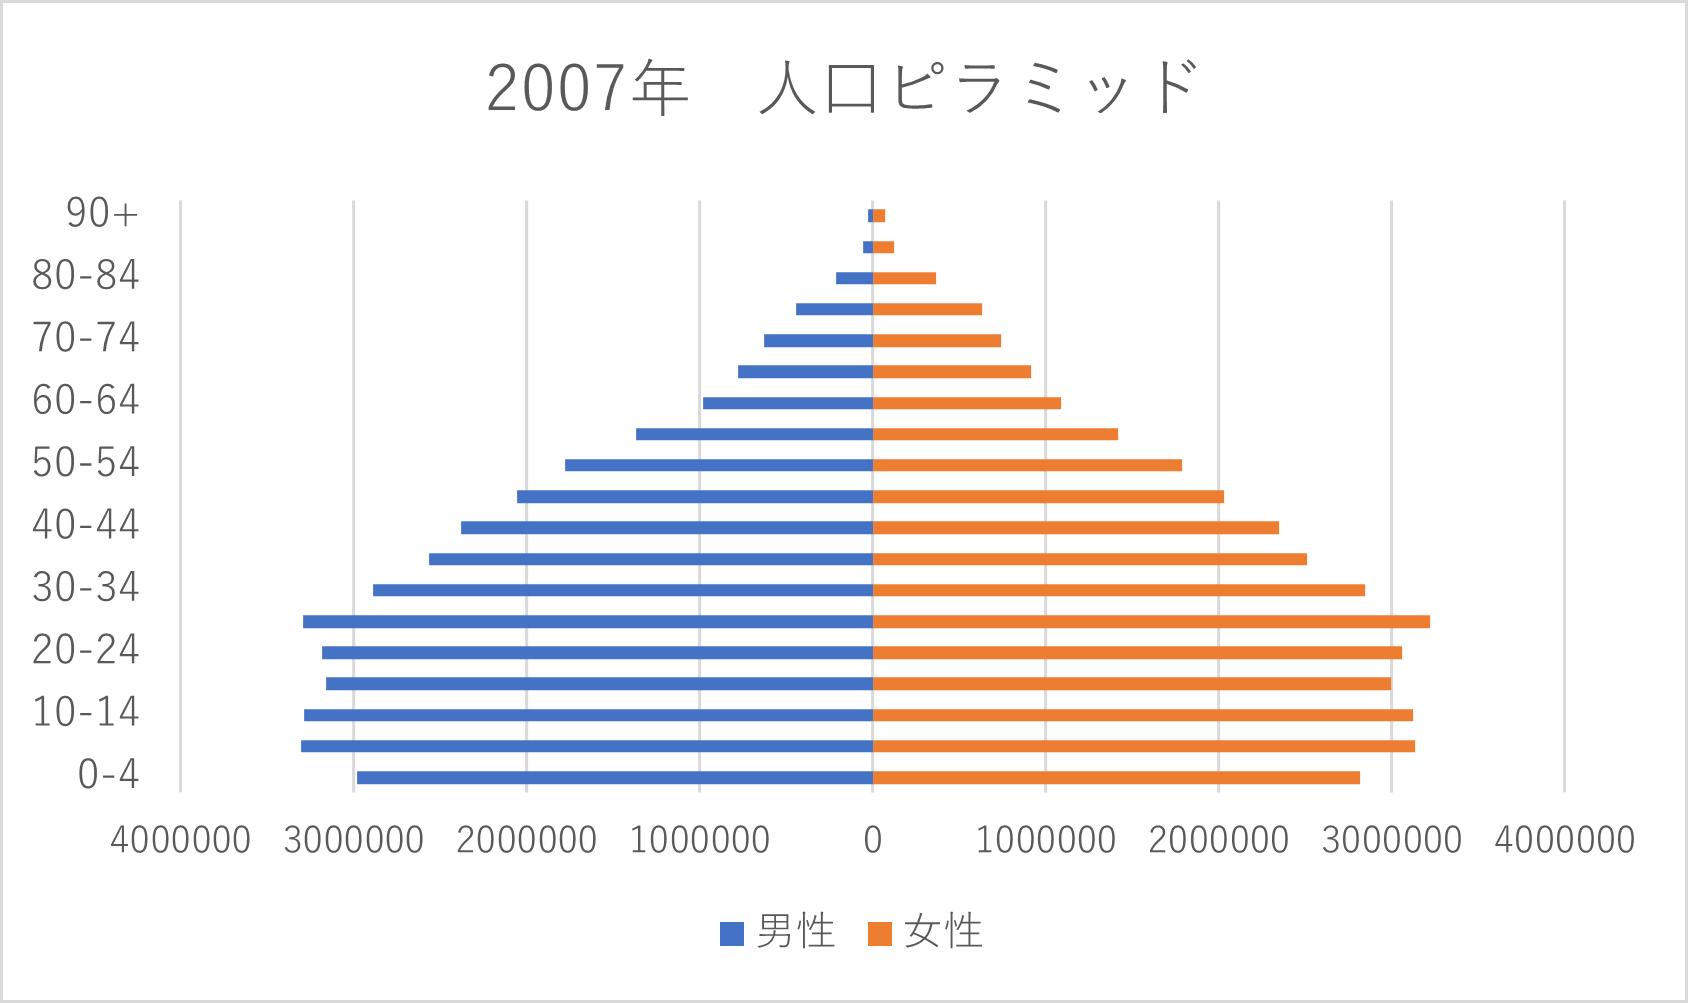 トルコ 人口ピラミッド 2007